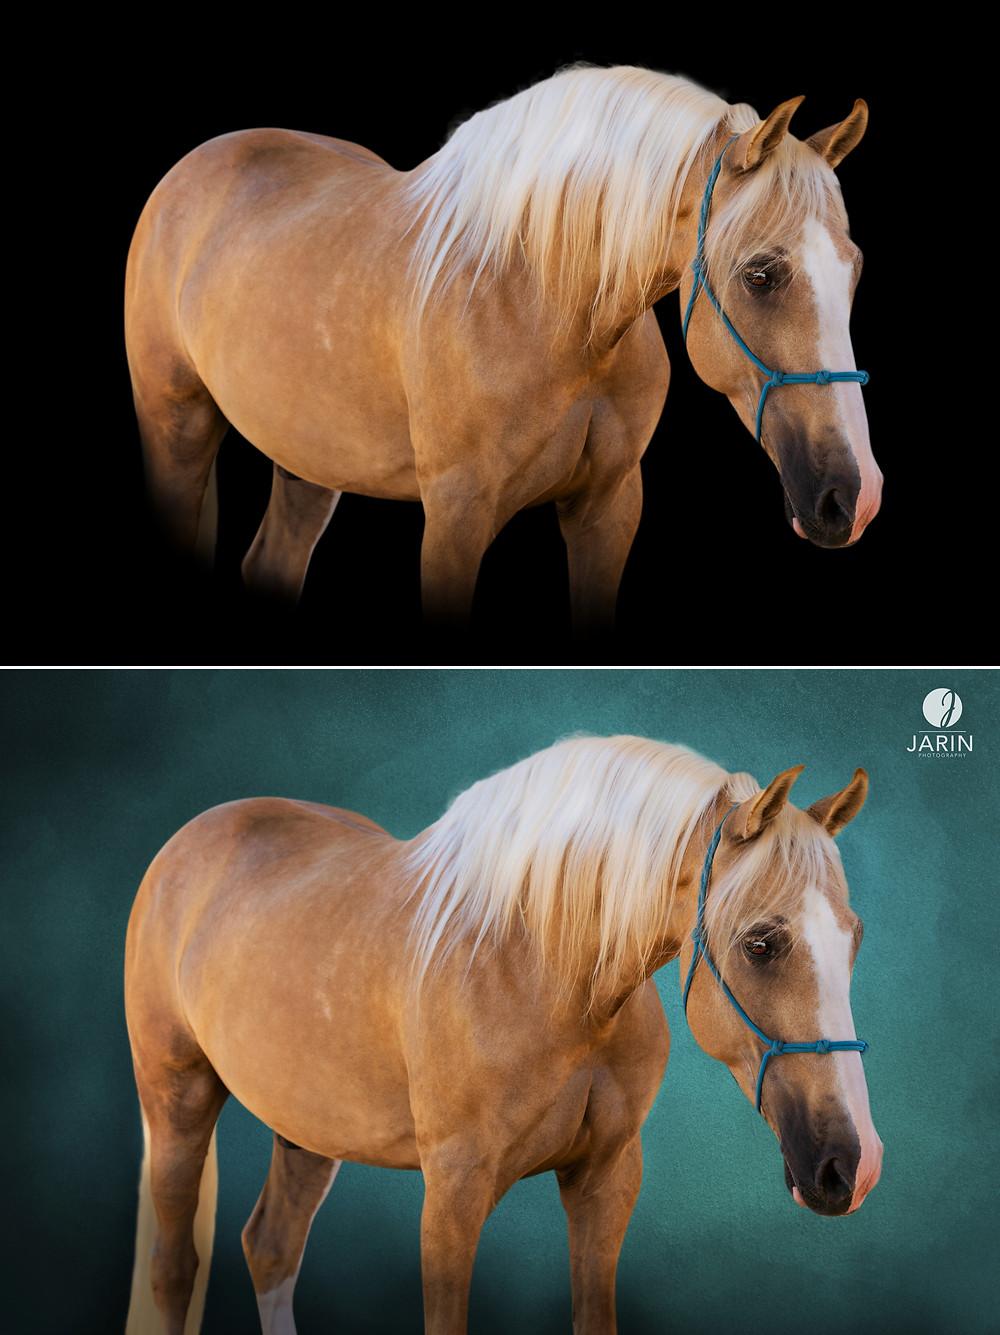 Horse black background photo